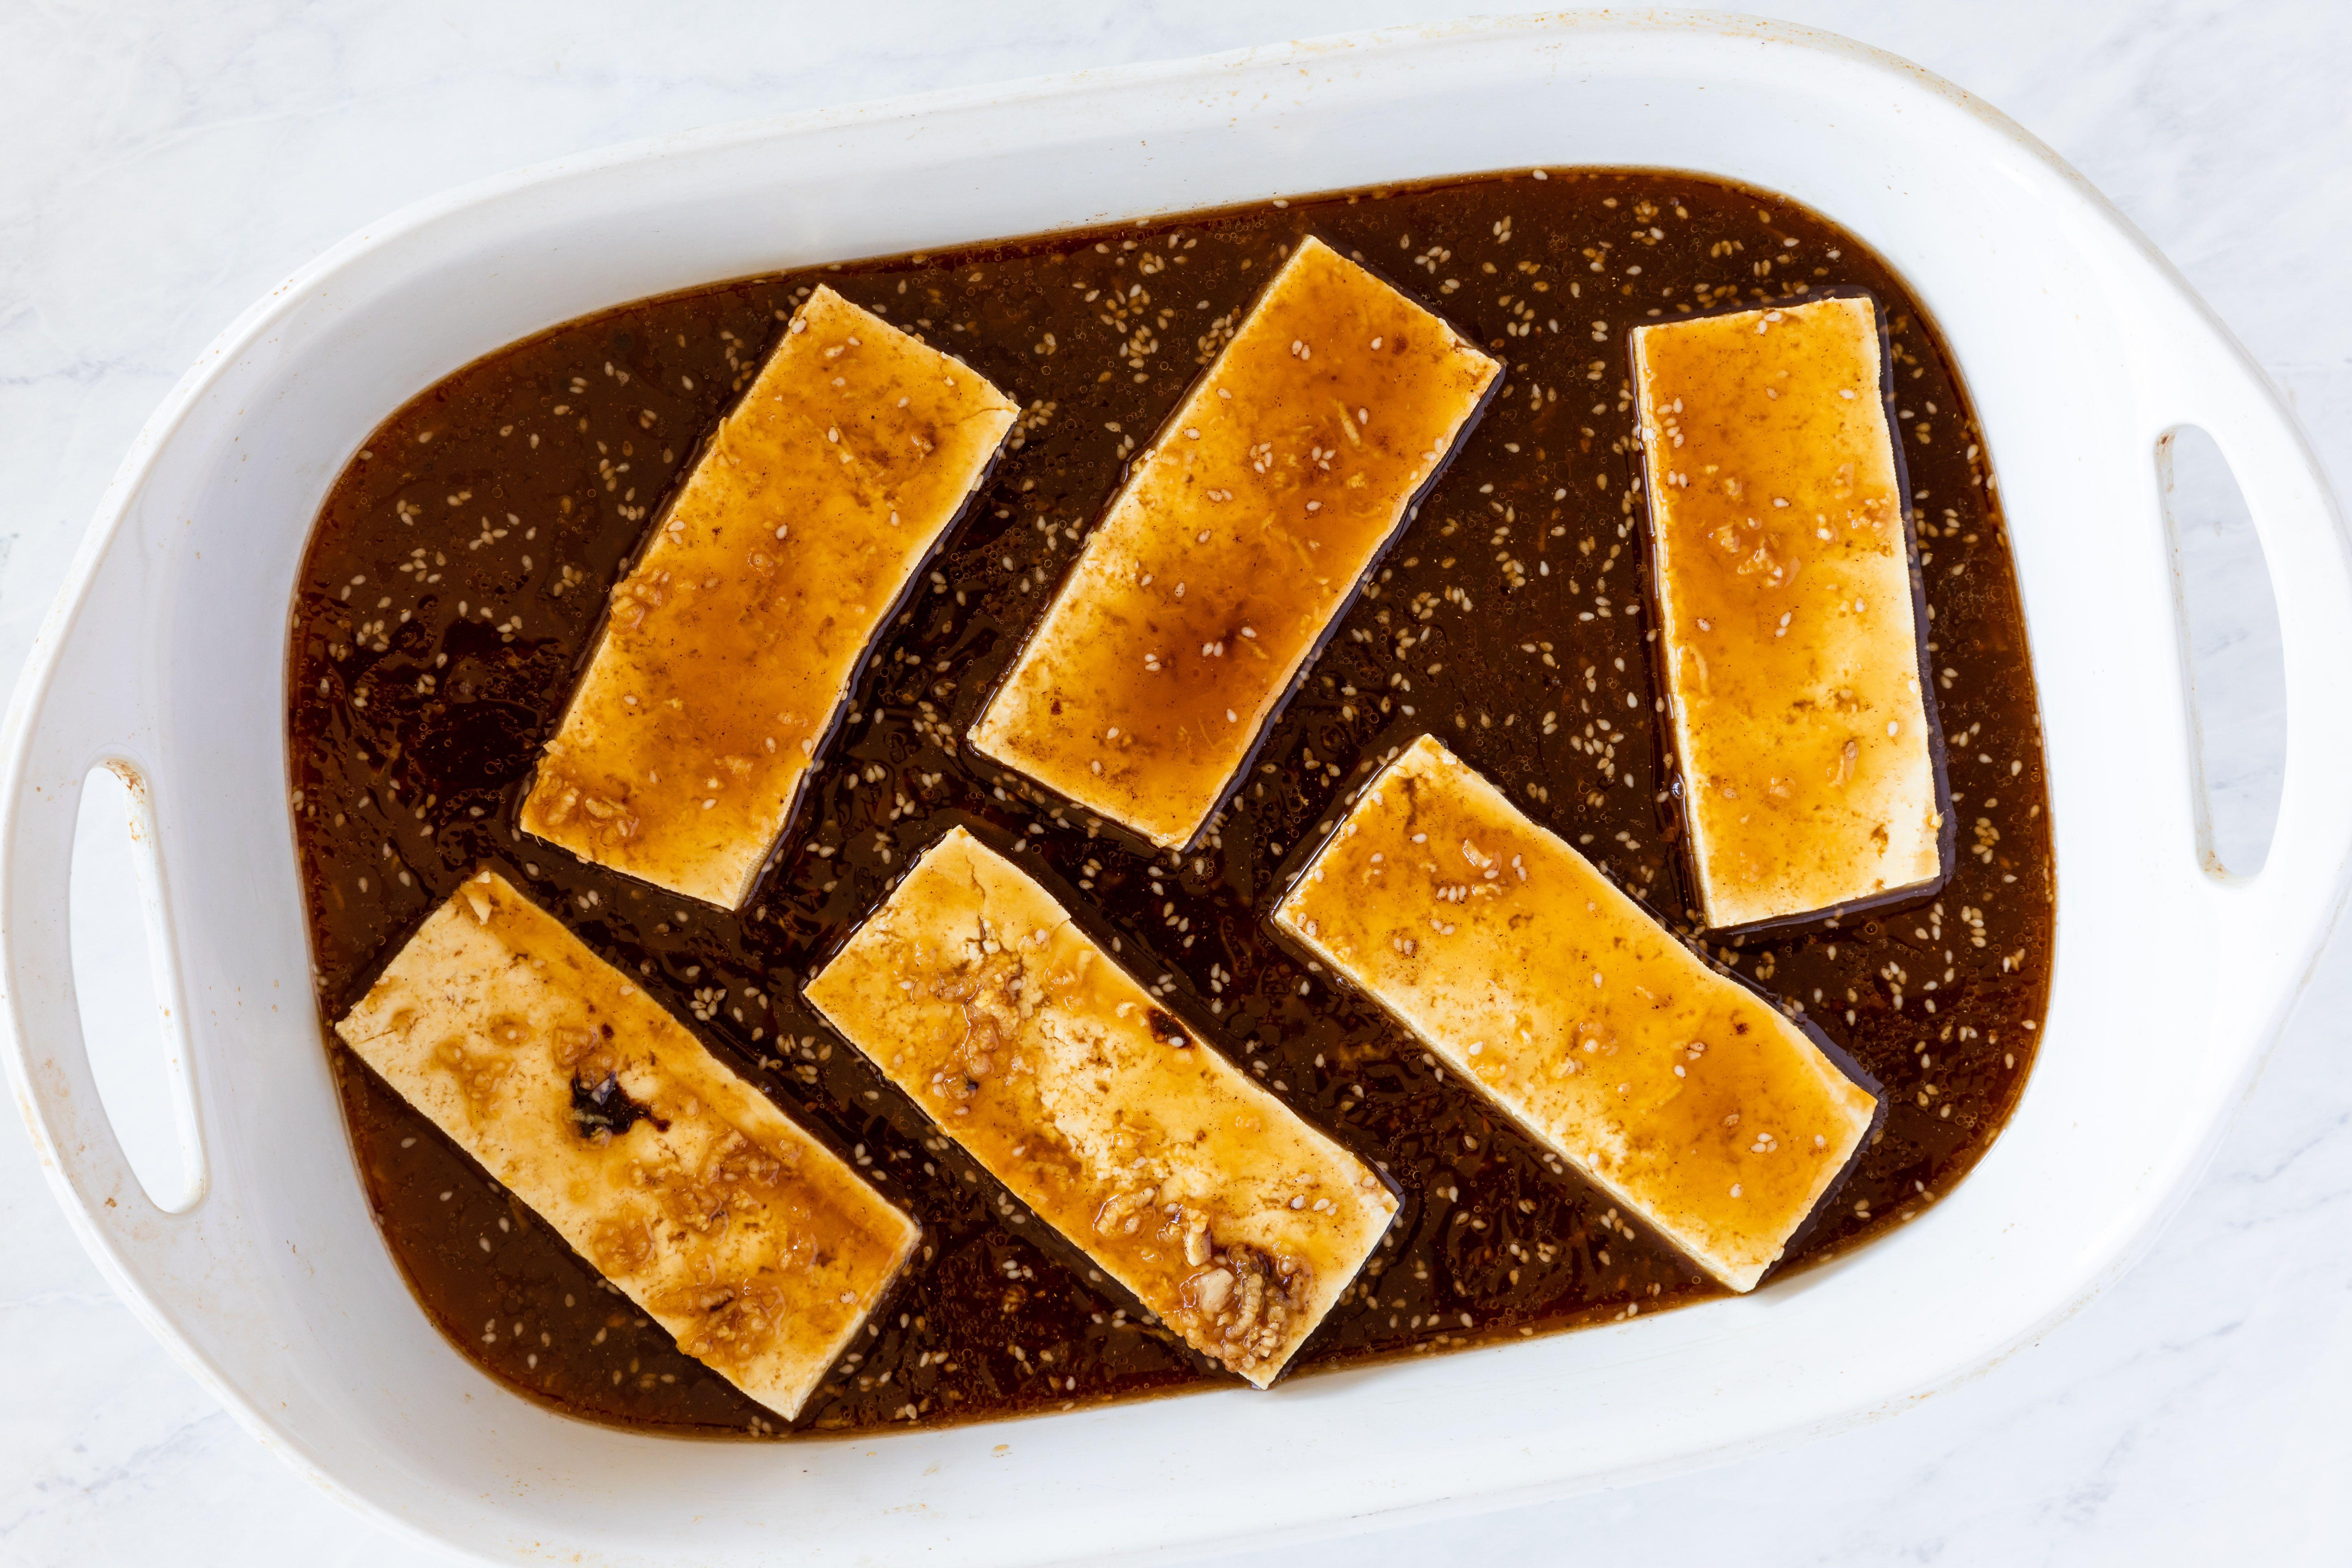 Soak tofu